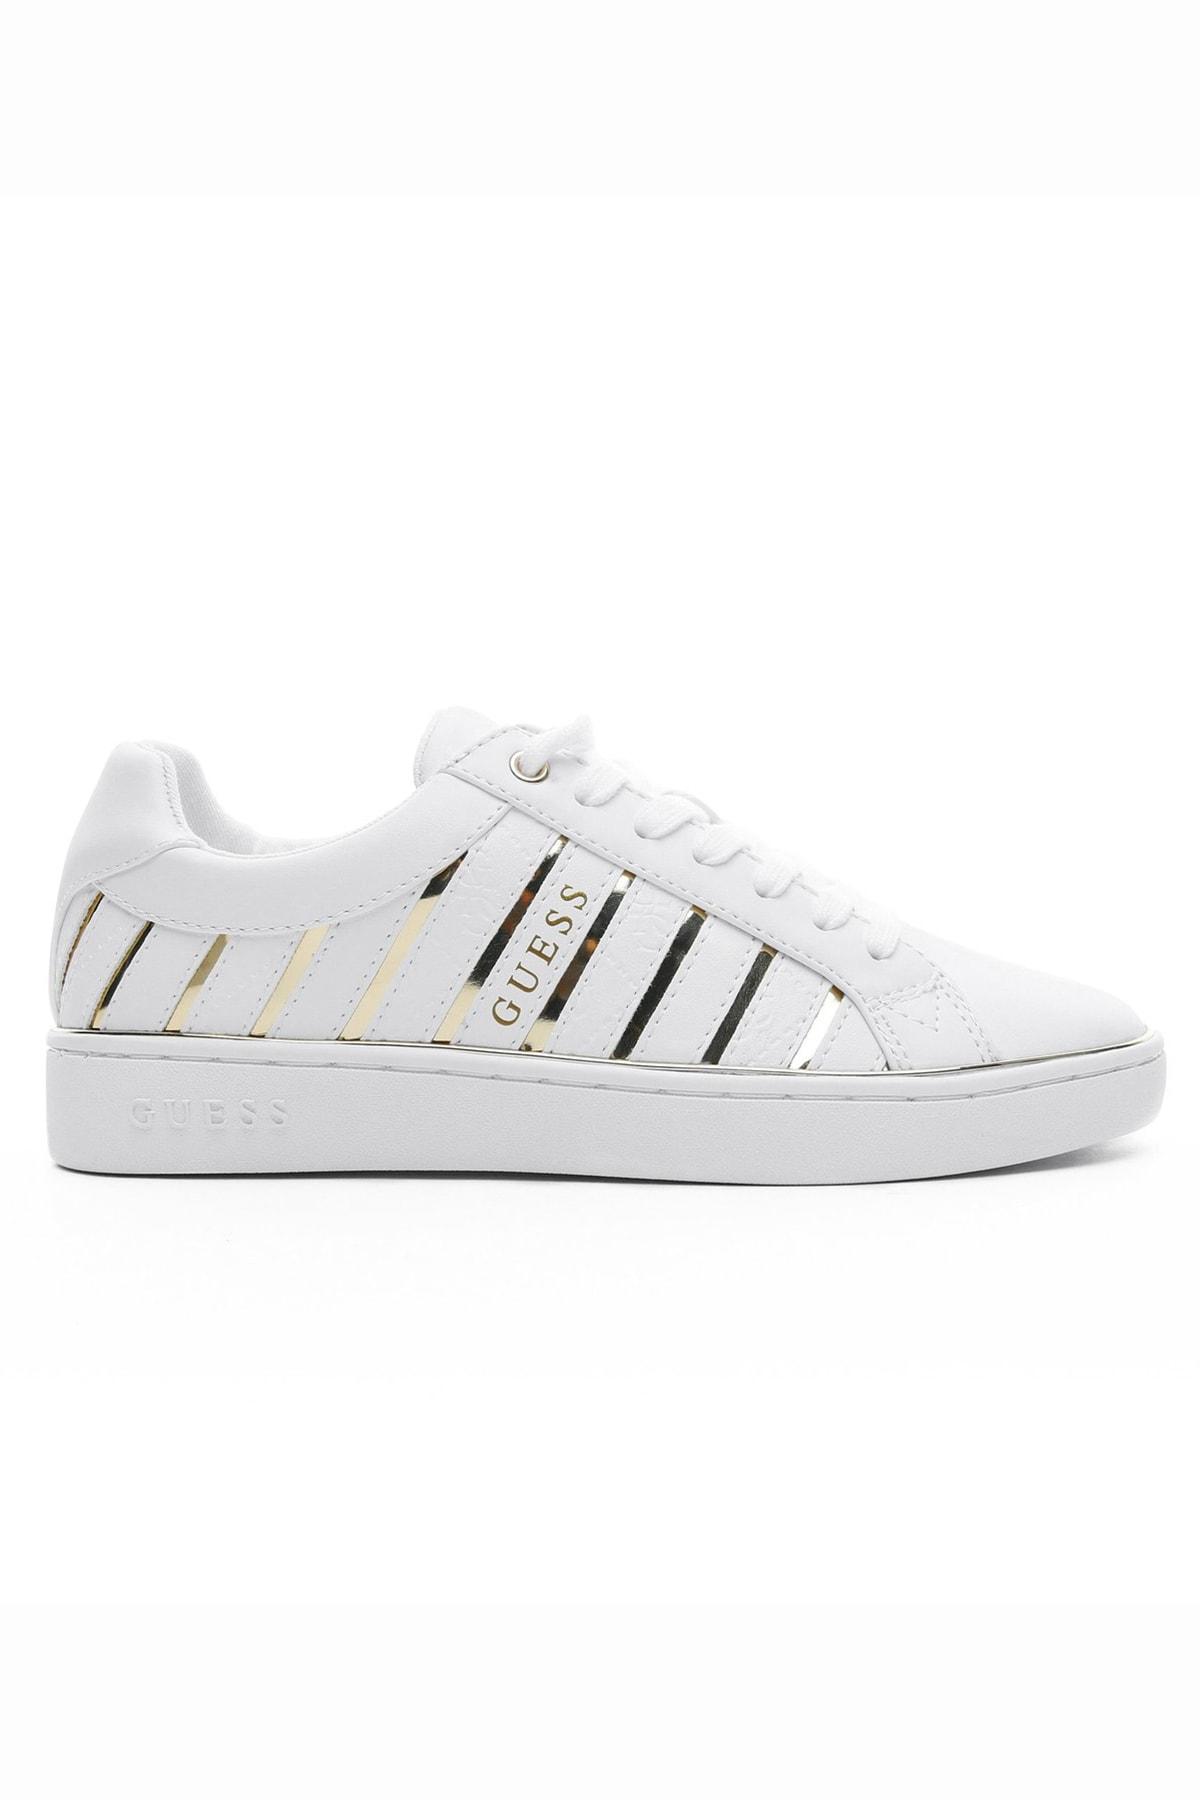 Bolier Beyaz-dore Kadın Sneaker